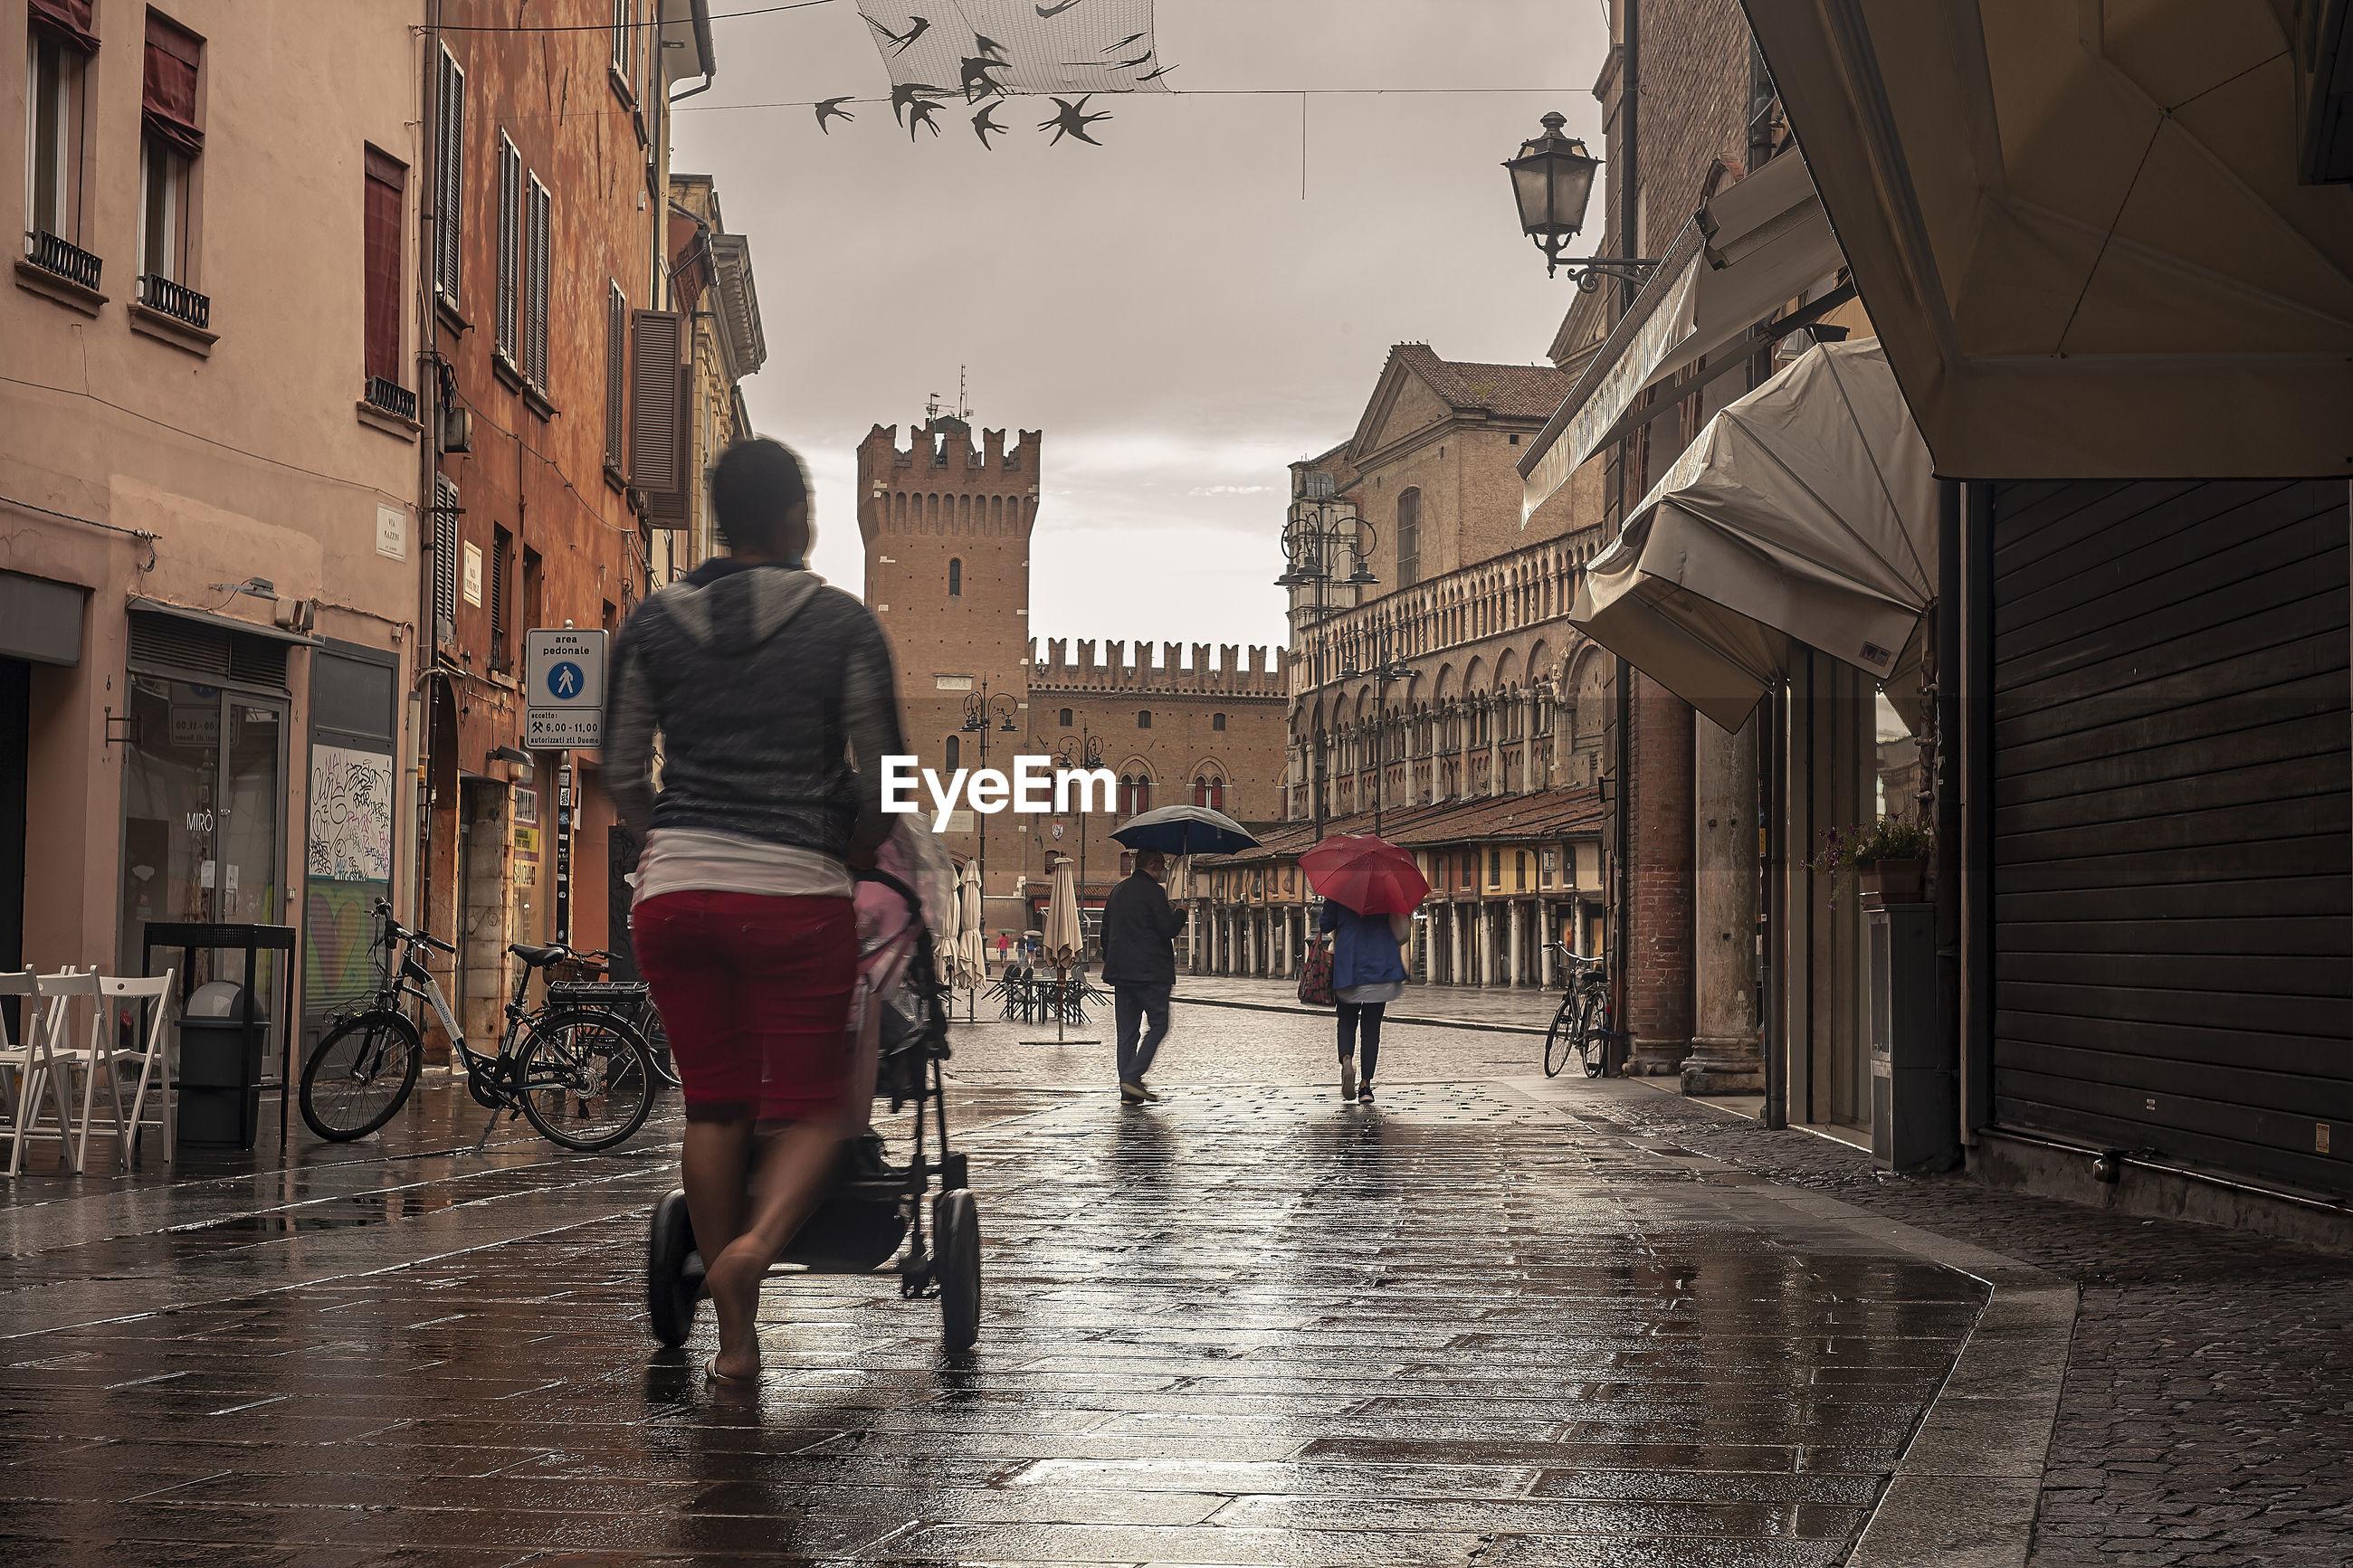 REAR VIEW OF PEOPLE WALKING ON WET STREET IN CITY